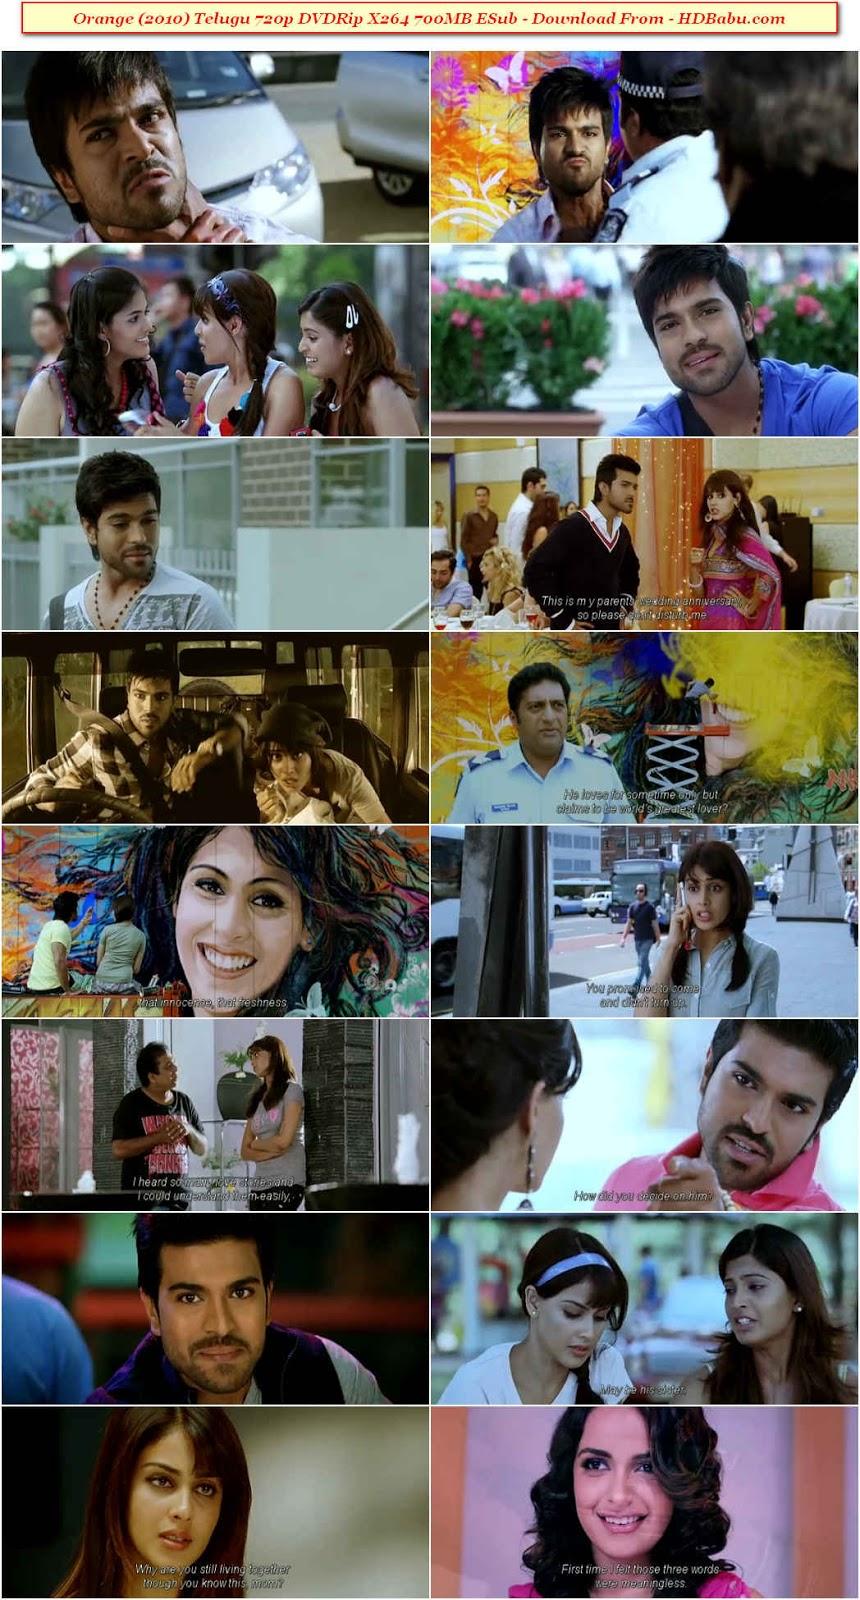 Orange Telugu Full Movie Download – Also, Orange (2010) Movie in Hindi Dubbed Download. Download Orange Telugu Full Movie Download Free Orange Movie in Telugu 720p Blu-Ray Download. Also, Download Free Orange Telugu Full Movie Free Full HD.